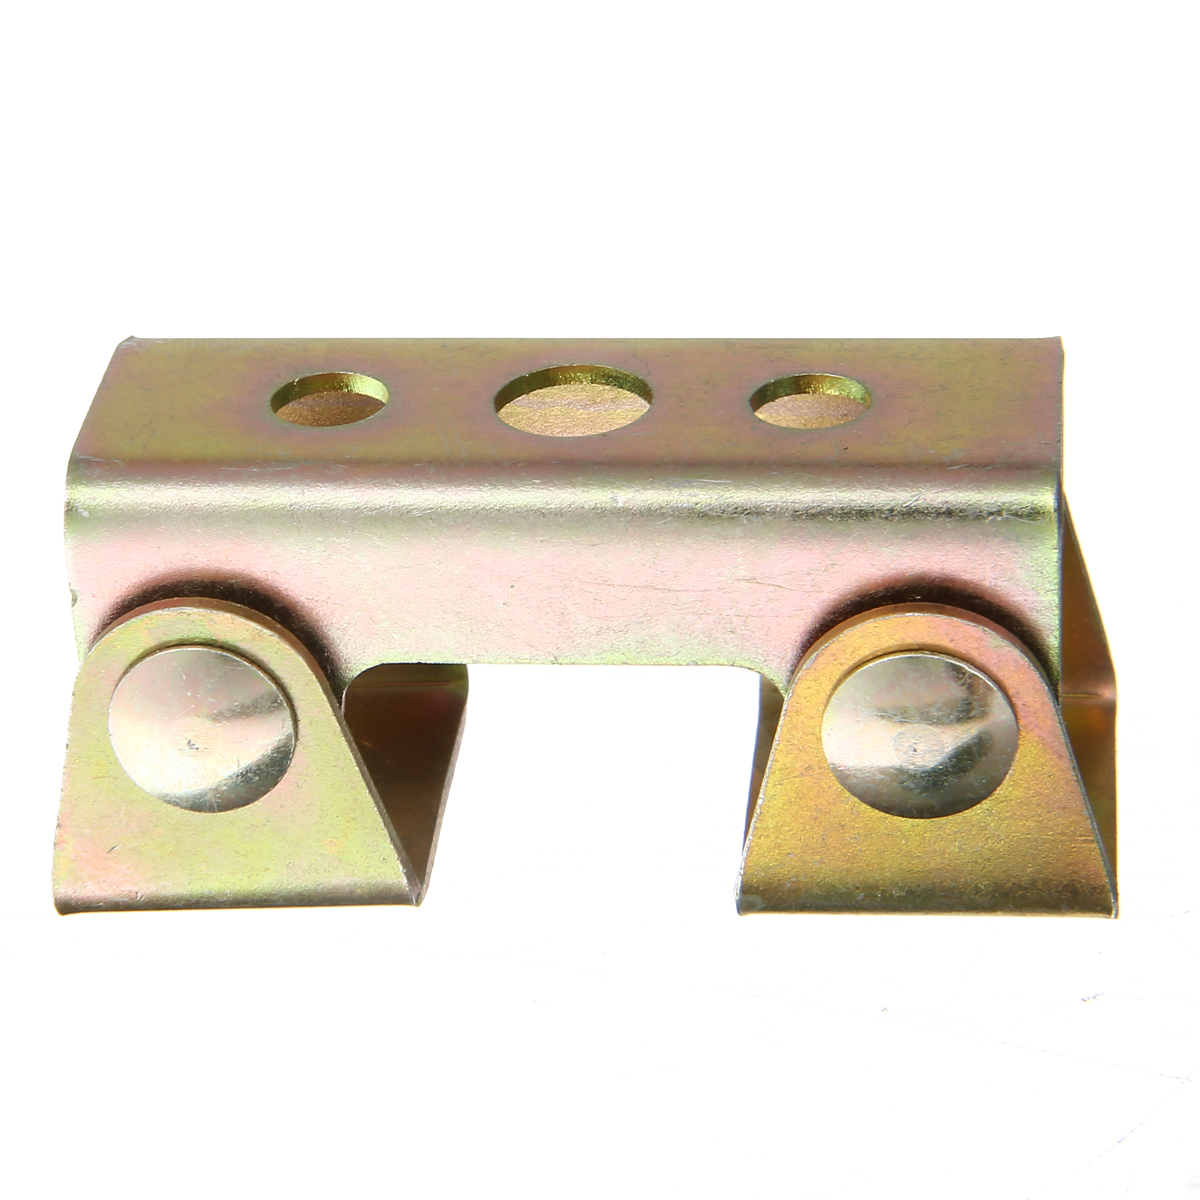 V Type Magnetic Welding Clamps Holder Suspender Fixture Adjustable V Pads OY